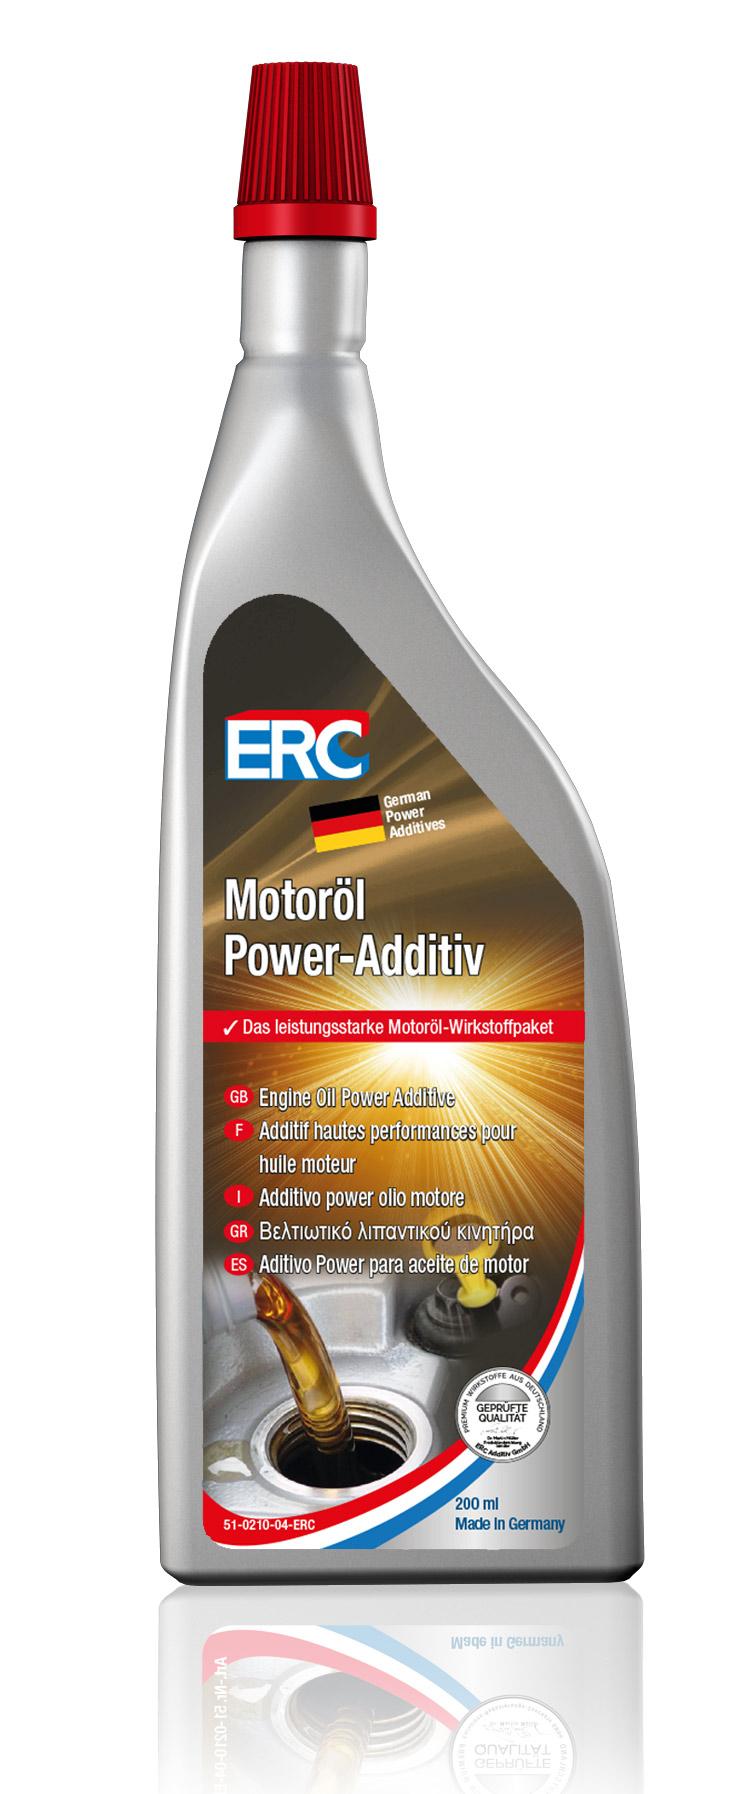 10 x 200 ml ERC MotorOel Power Additiv Öl Additiv Ölzusatz Otto u. Diesel Motoren